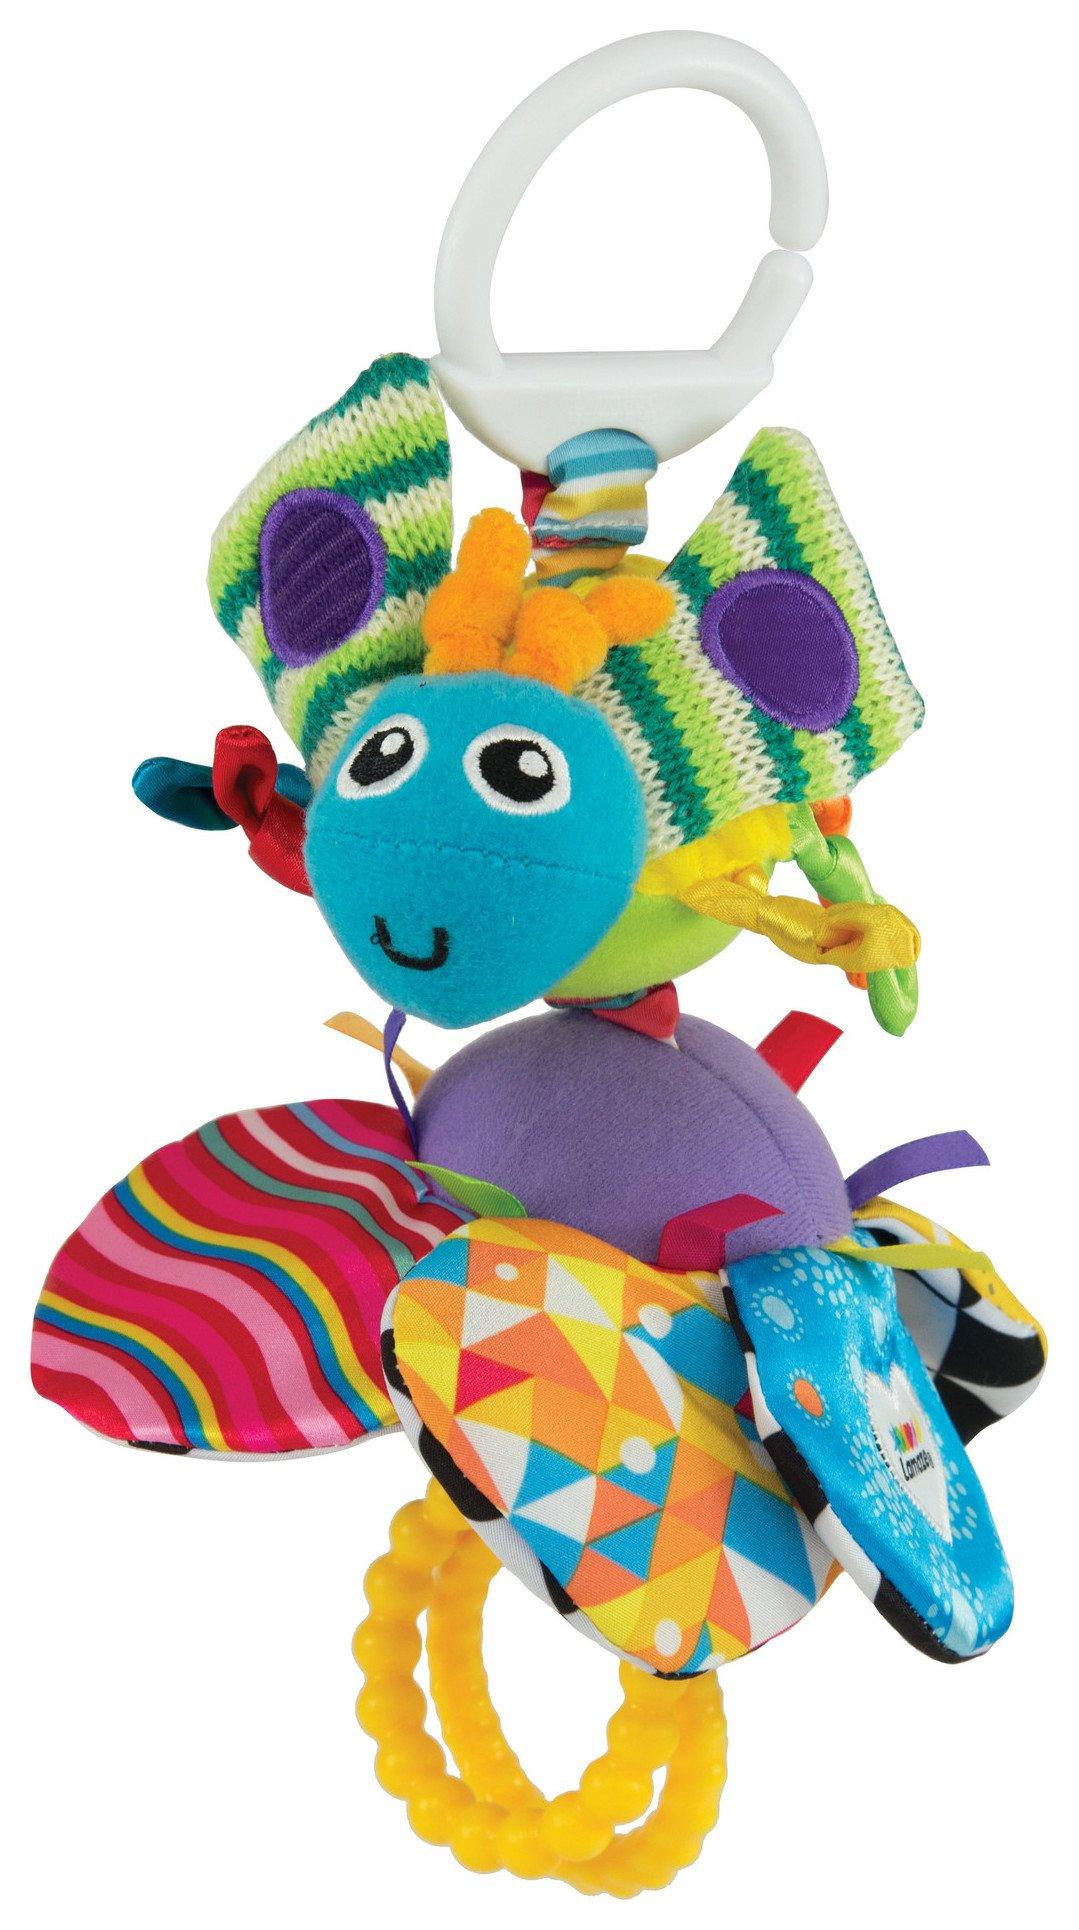 Image of Lamaze Flutterbug On the Go Toy.